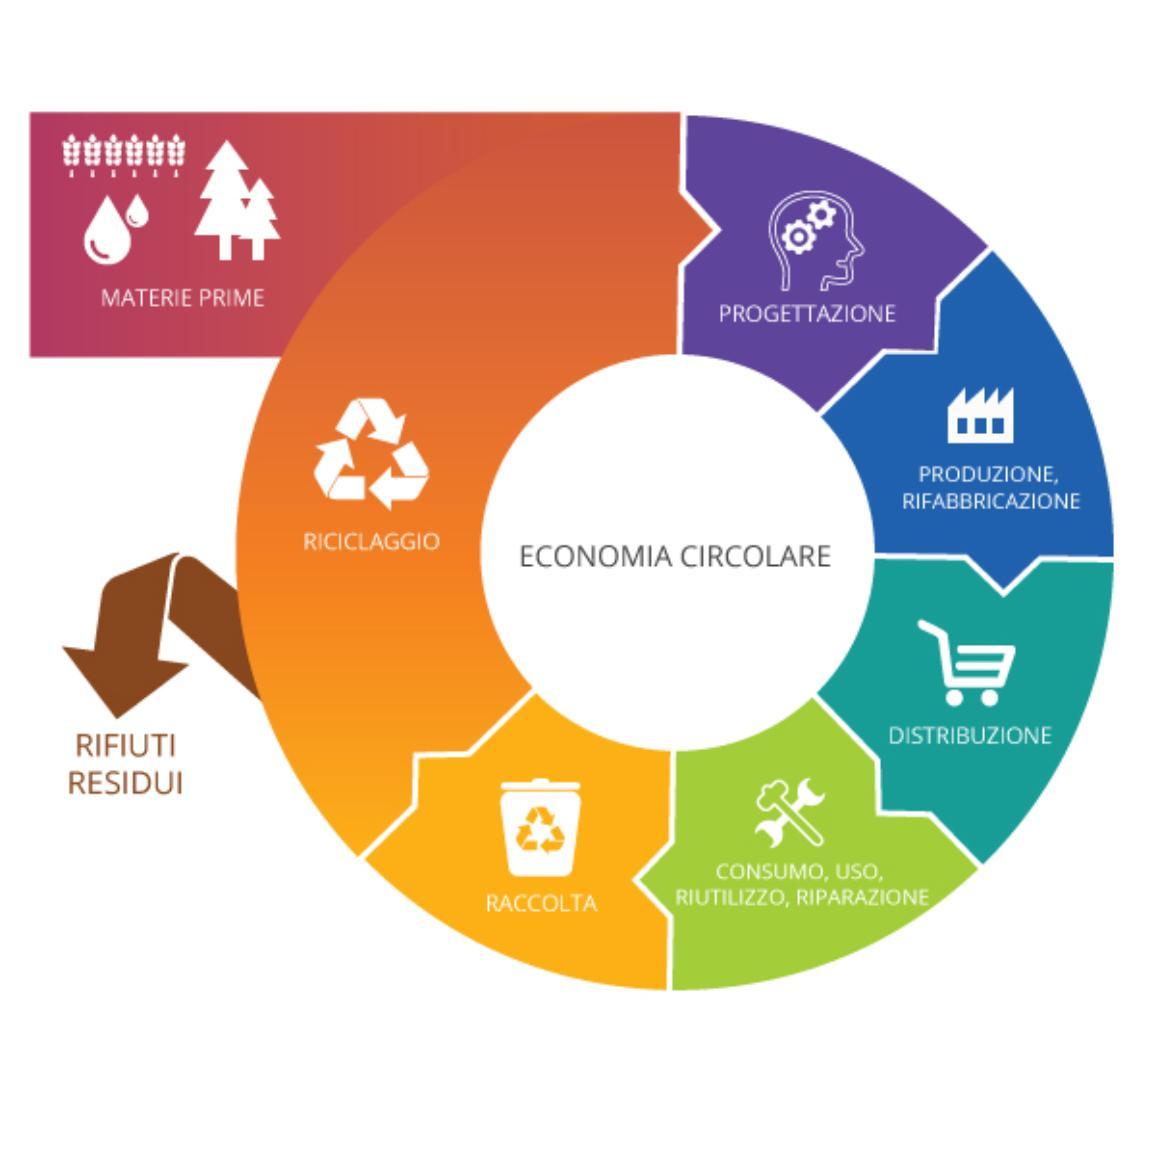 L'economia circolare è un modelo di produzione e consumo basato su condivisione, prestito, riutilizzo, riparazione, ricondizionamento e riciclo dei materiali e prodotti esistenti per estendere il ciclo di vita dei prodotti.